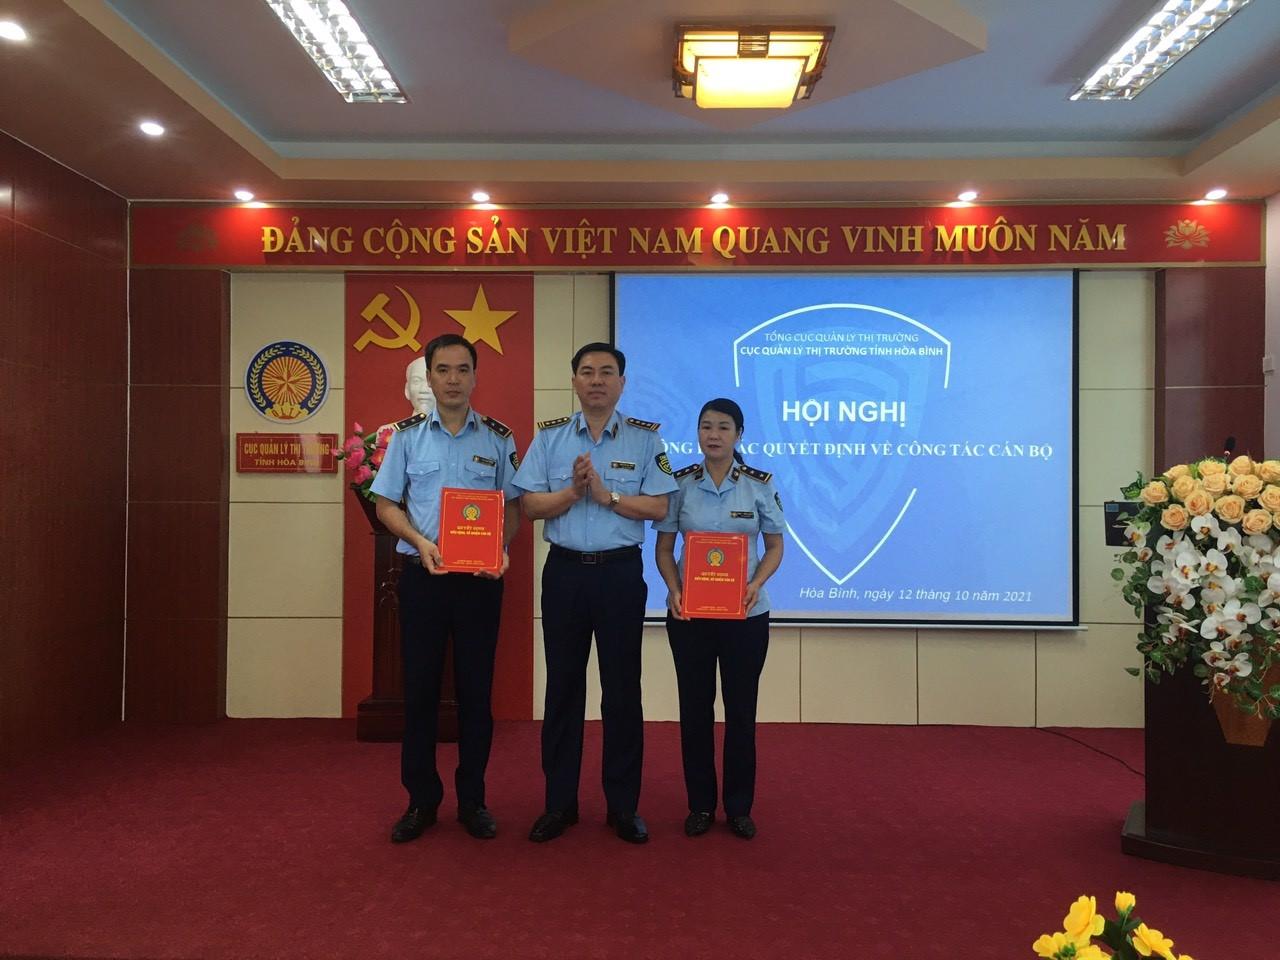 Cục Quản lý thị  trường tỉnh Hòa Bình tổ chức Hội nghị công bố các Quyết định về công tác cán bộ